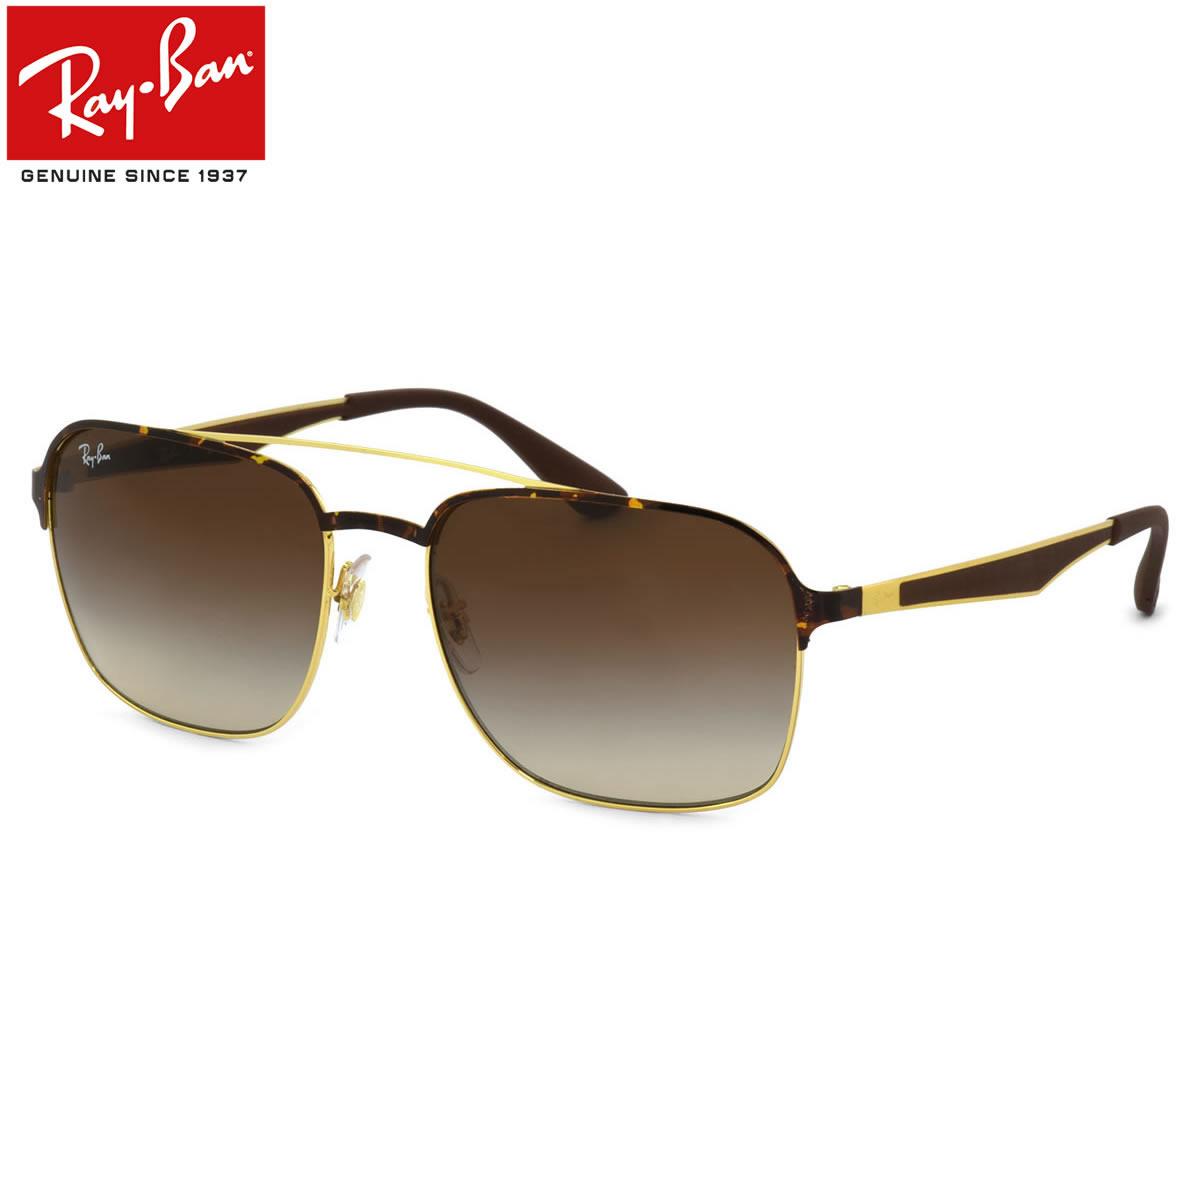 レイバン サングラス Ray-Ban RB3570 900813 58サイズ レイバン RAYBAN 9008/13 ツーブリッジ ダブルブリッジ べっ甲 べっこう メンズ レディース